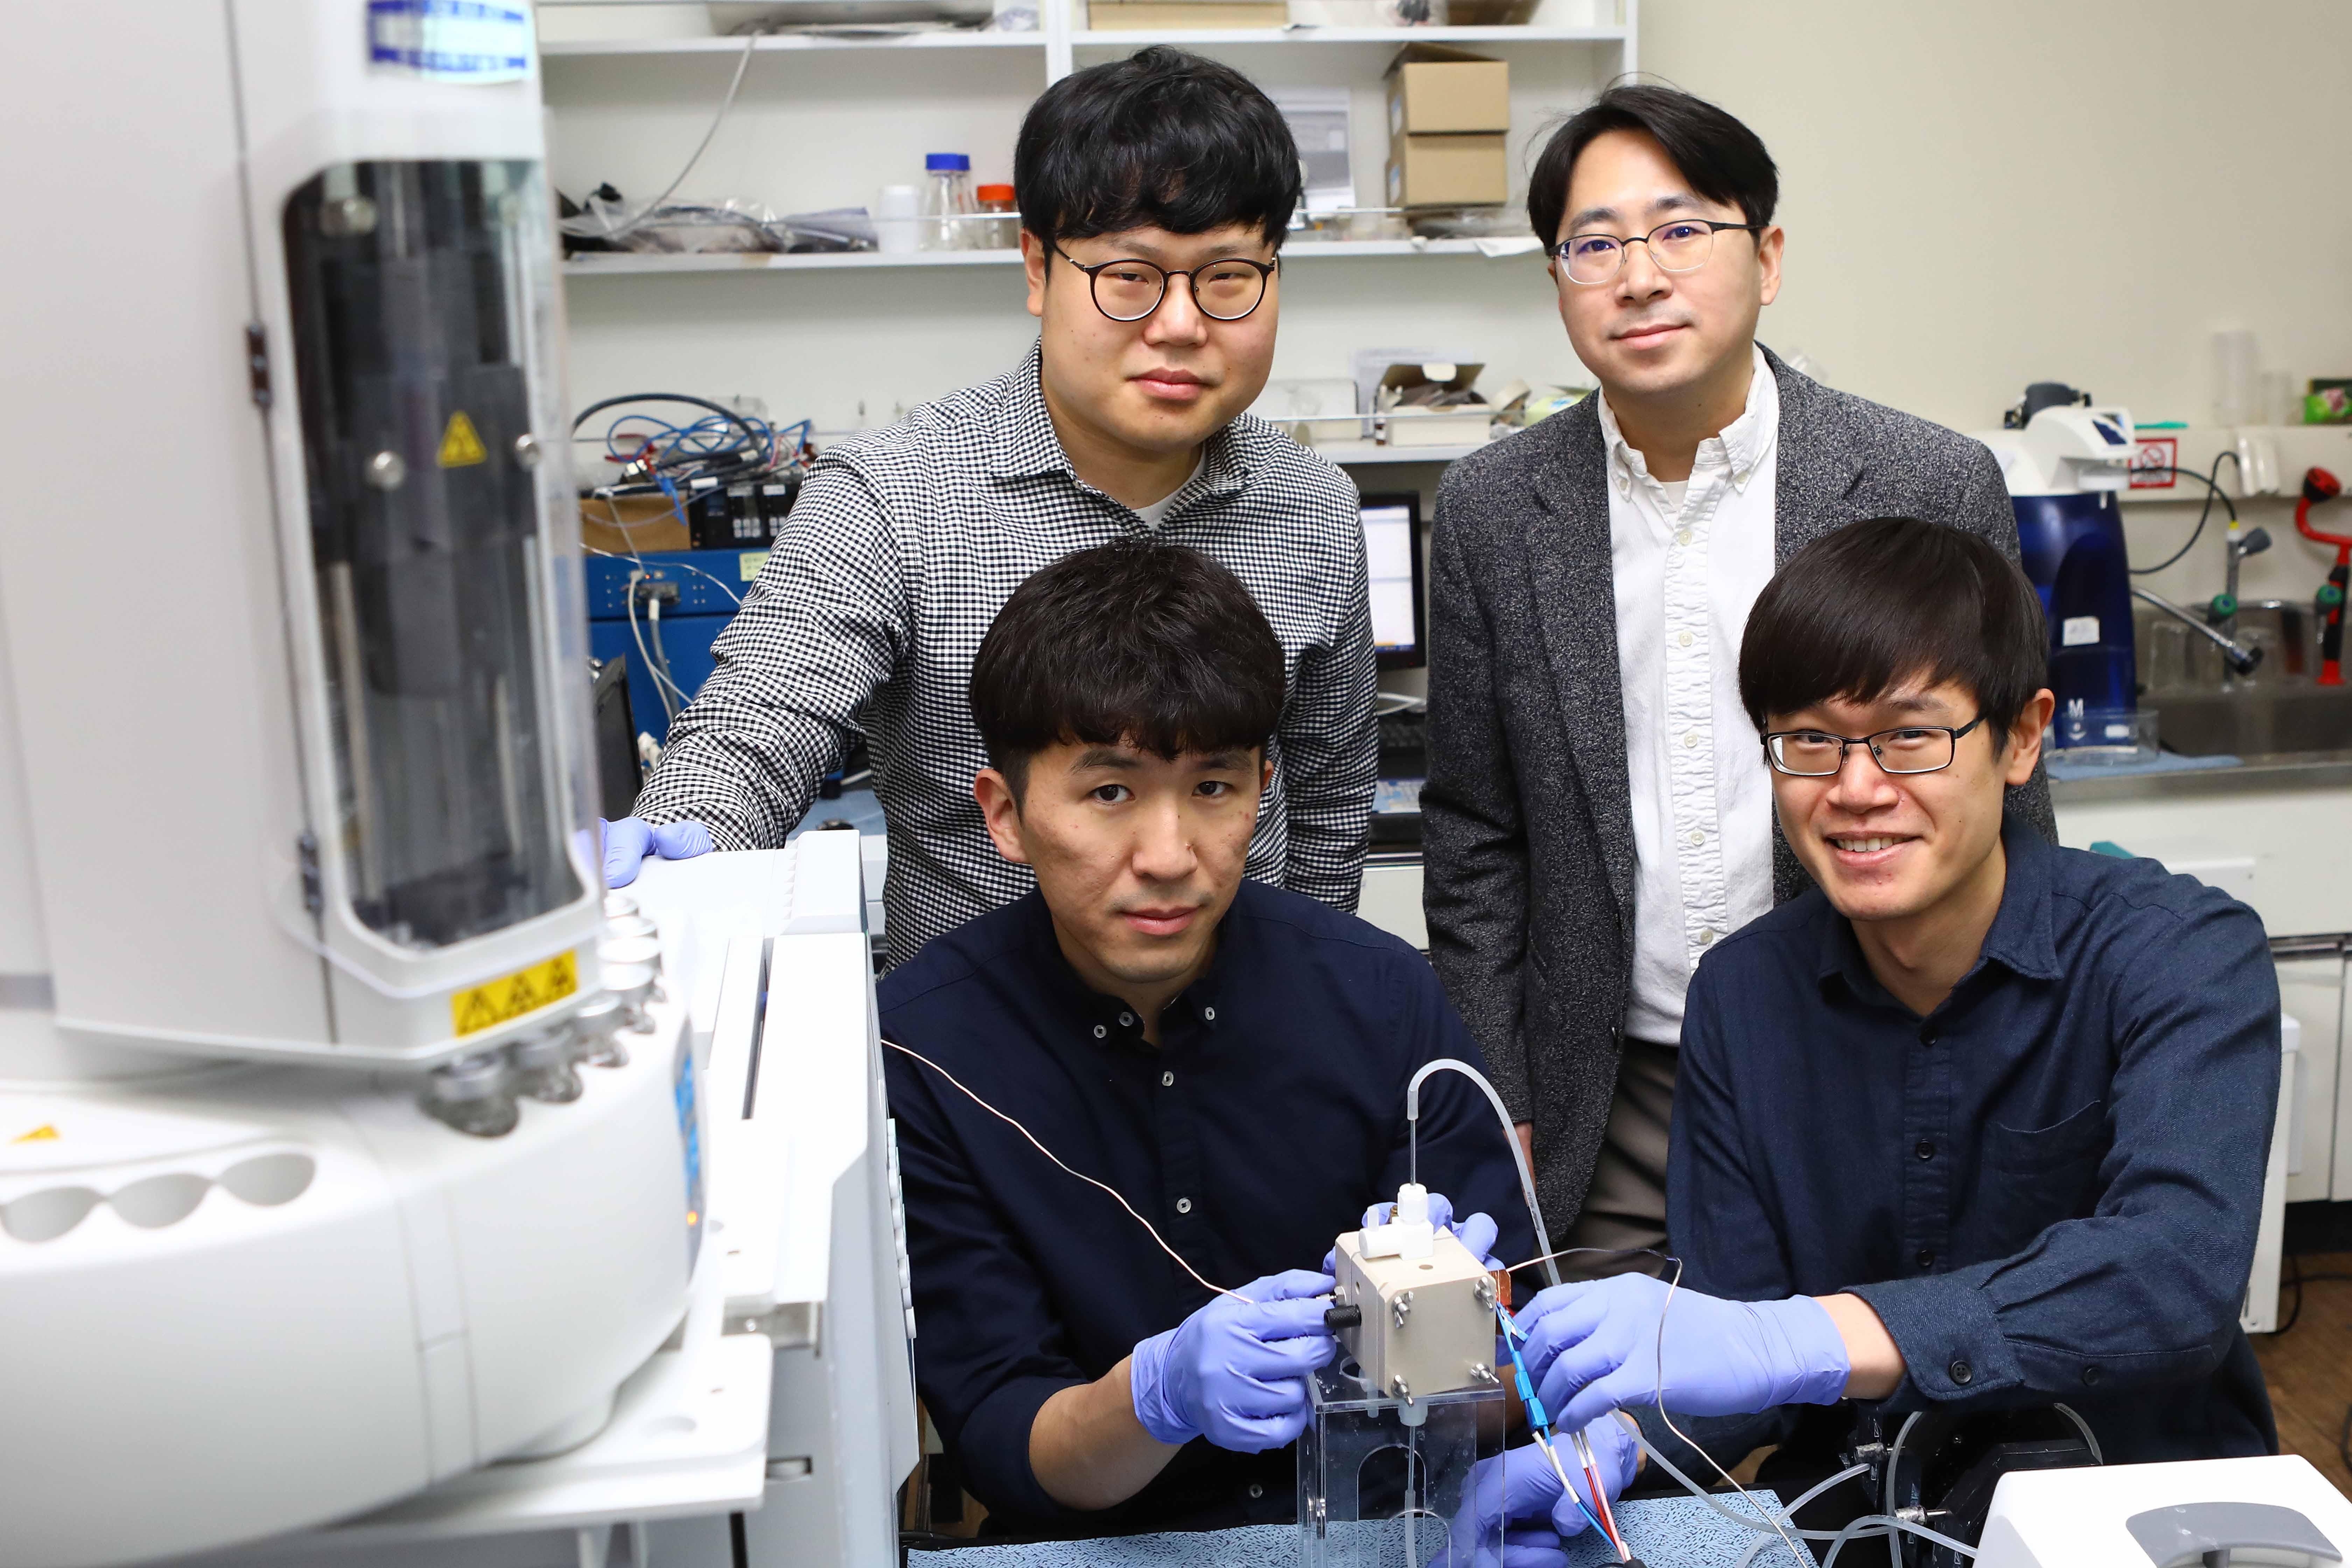 (왼쪽 뒤부터 시계방향으로) 송학현 박사과정, 오지훈 교수, 탄잉촨 박사후 연구원, 이범려 석사과정